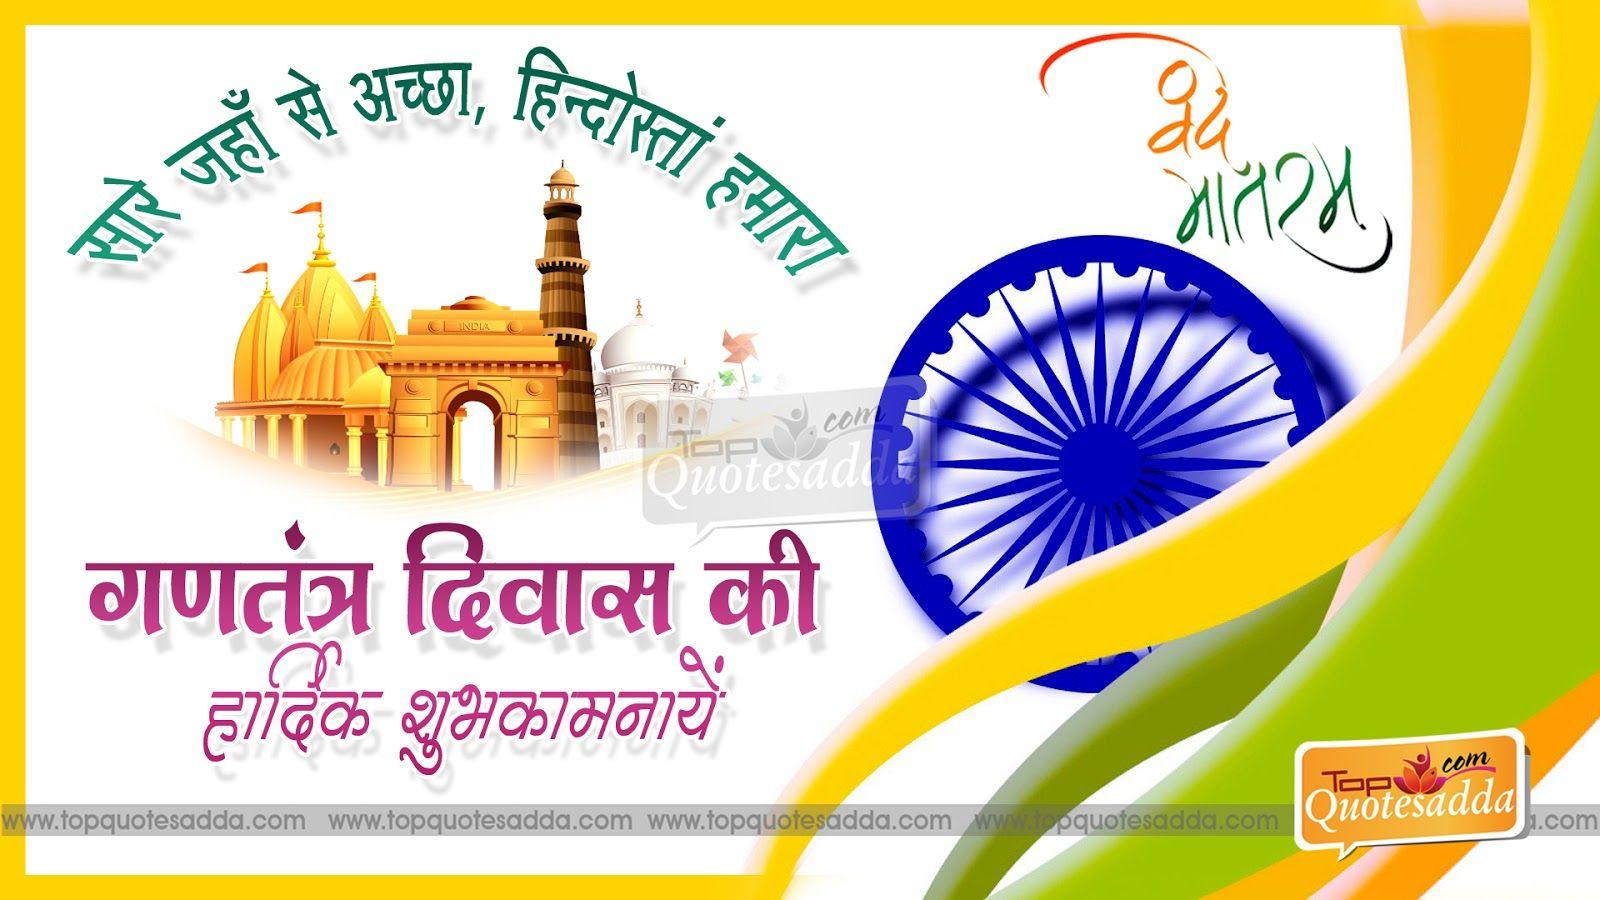 Topquotesadda Telugu Quotes Hindi Quotes Tamil Bengali Quotes Happy Republic Day Hindi Message Republic Day Quotes On Republic Day Happy Republic Day